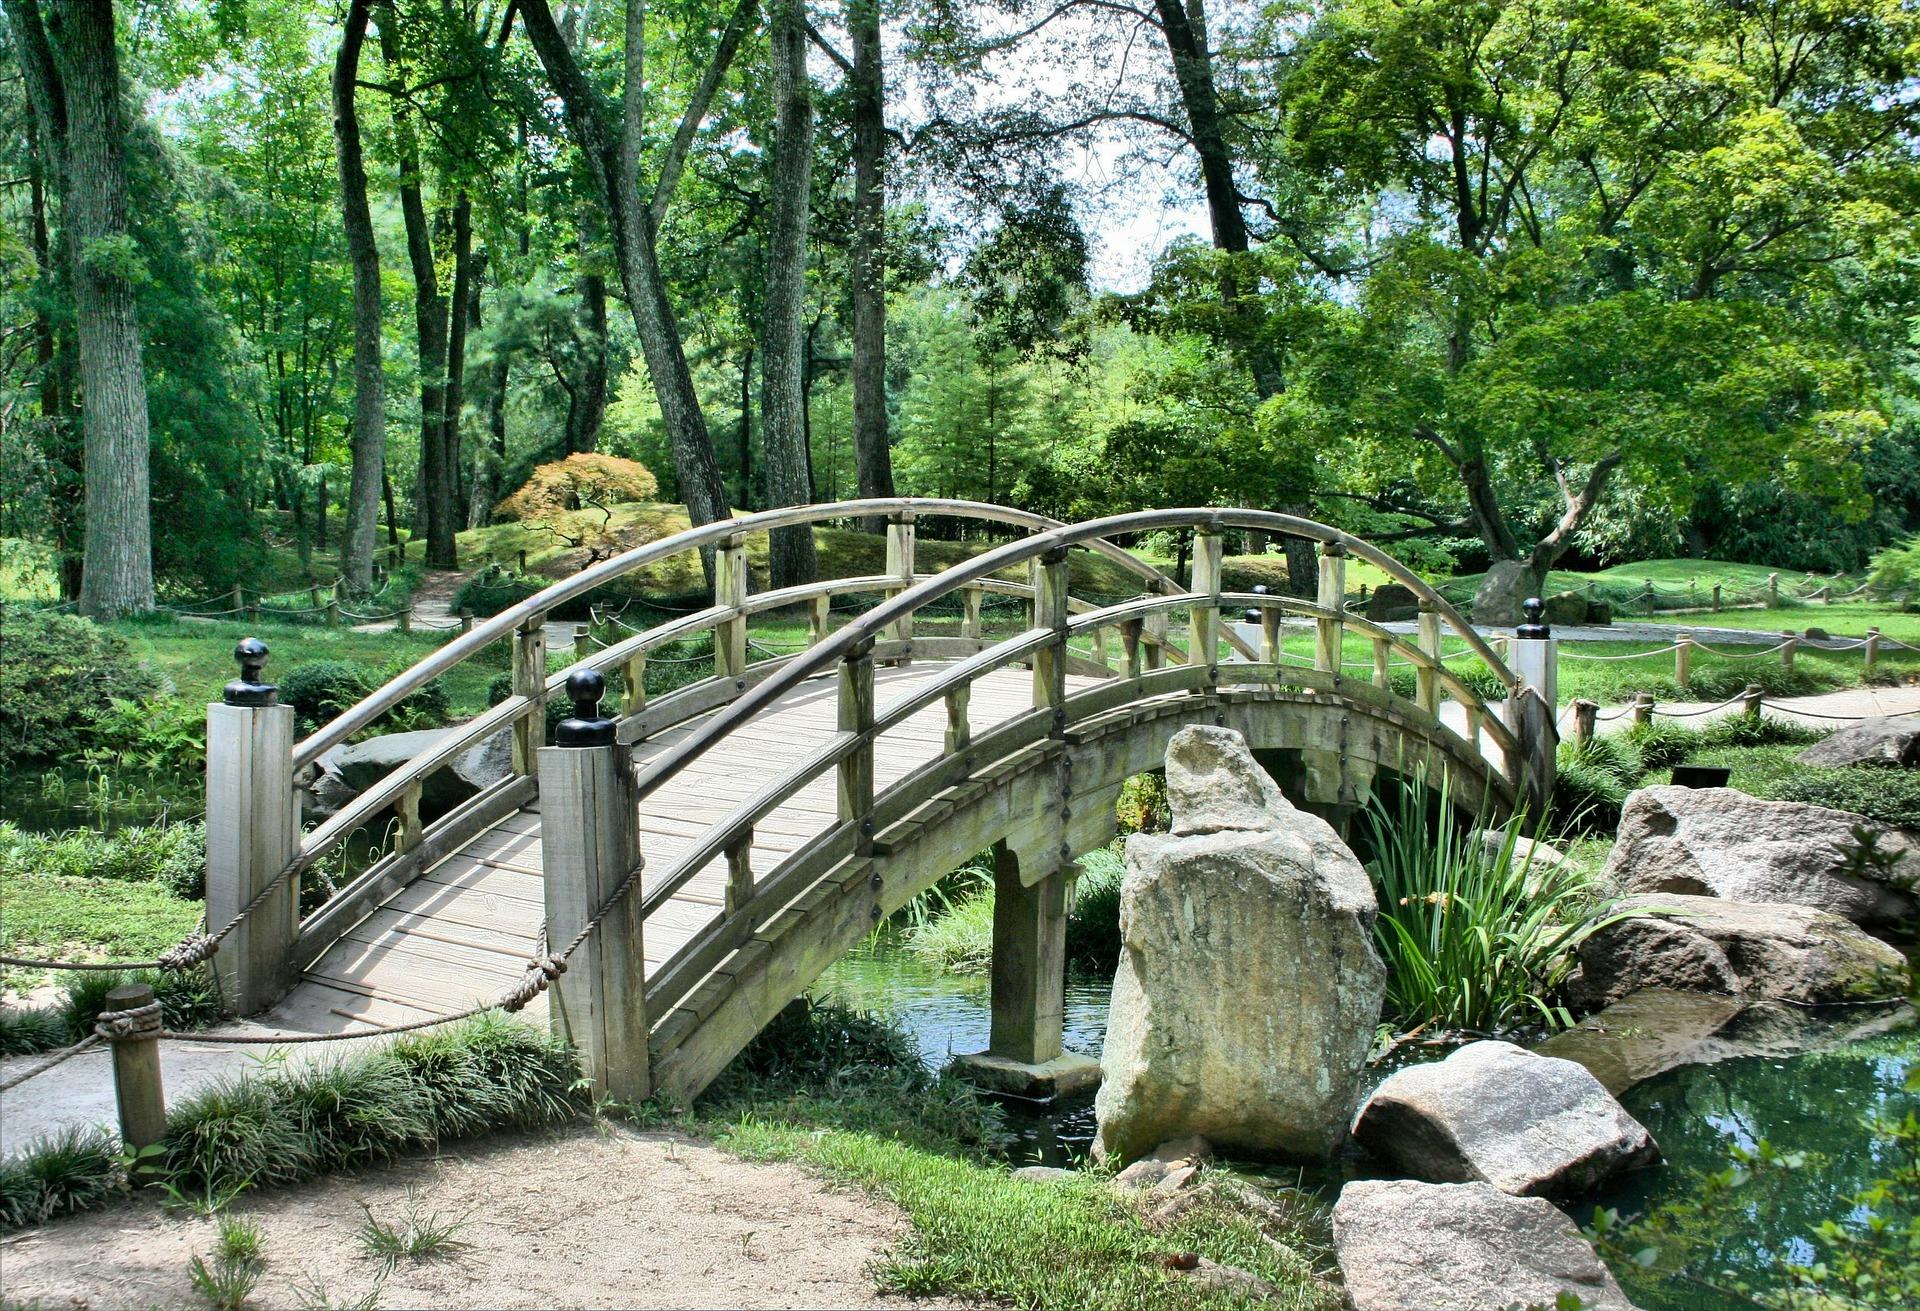 jardín japonés, puente, descanso, relax, meditación - Fondos de Pantalla HD - professor-falken.com